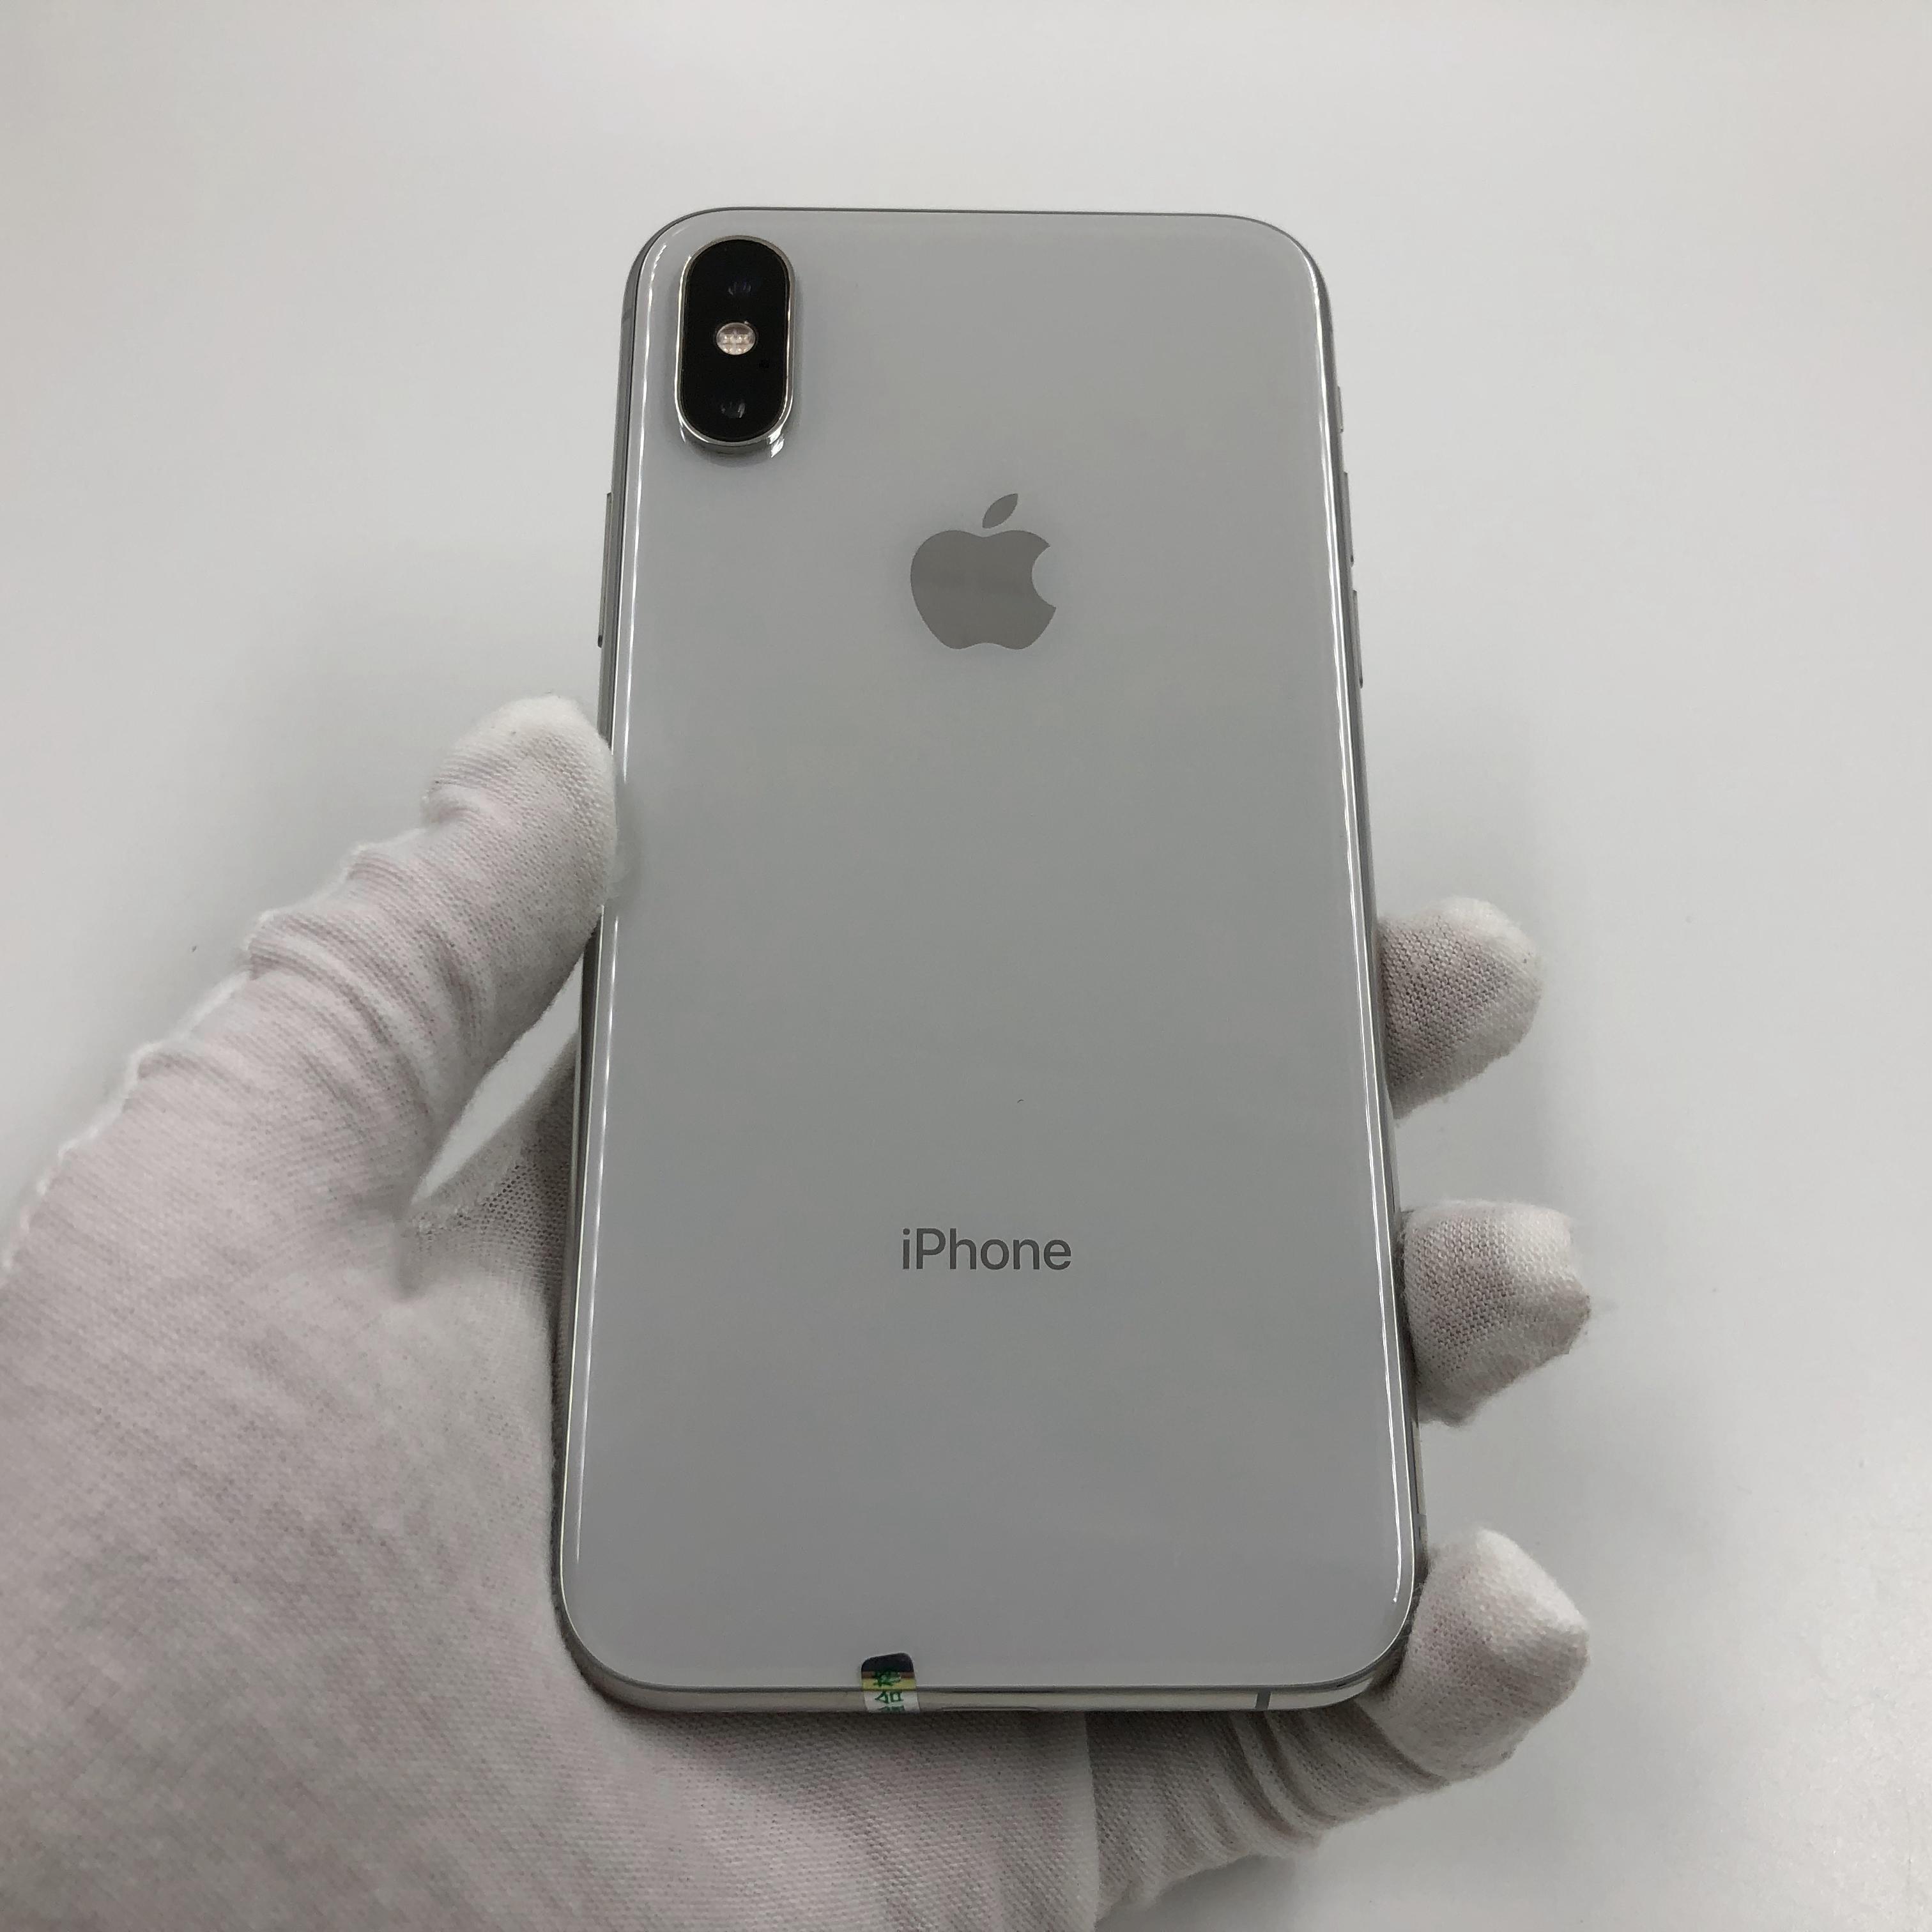 苹果【iPhone Xs】4G全网通 银色 64G 国行 9成新 真机实拍